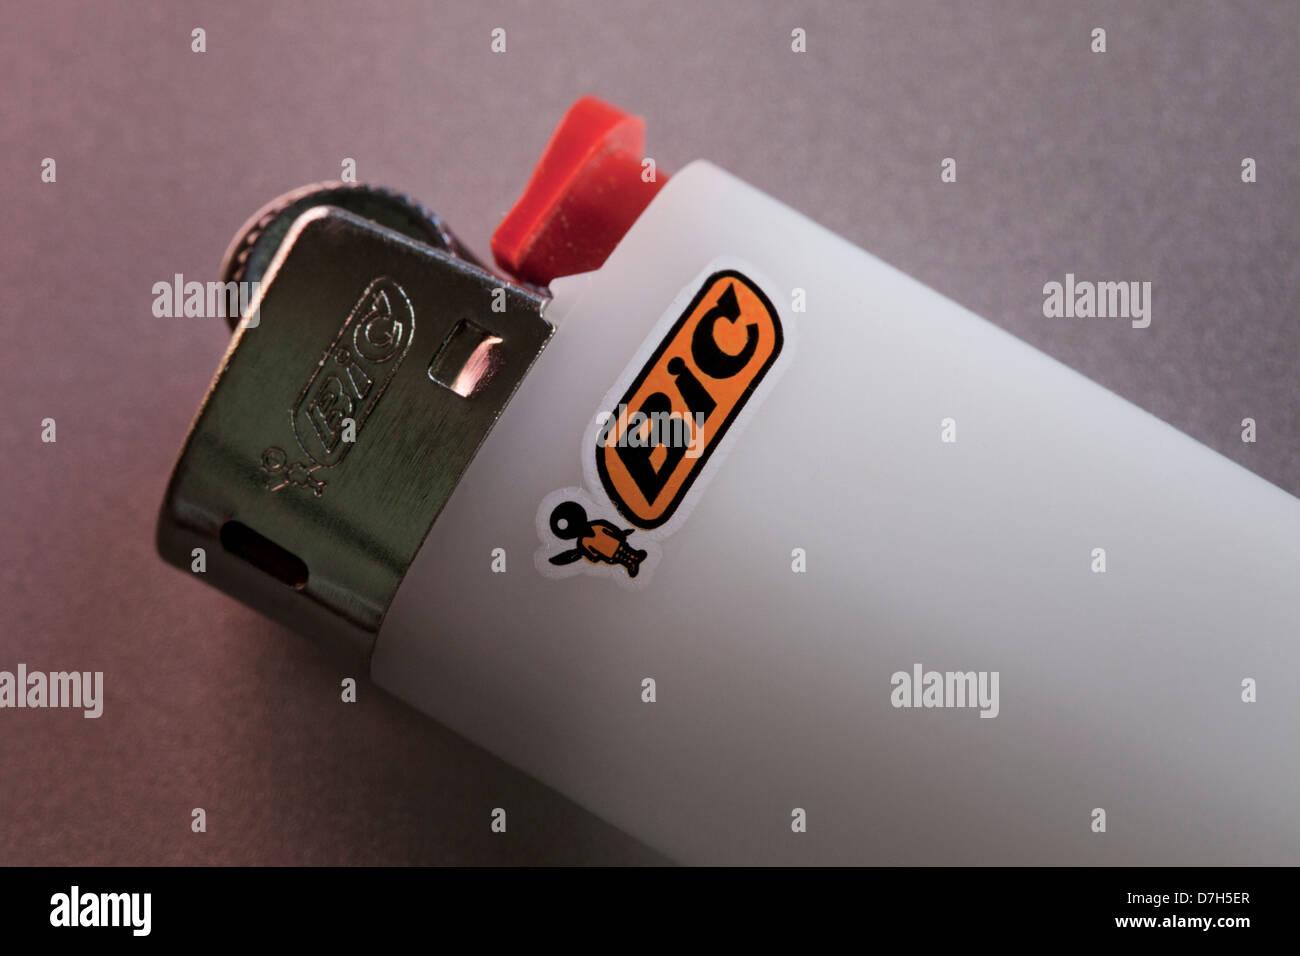 BIC lighter closeup - Stock Image